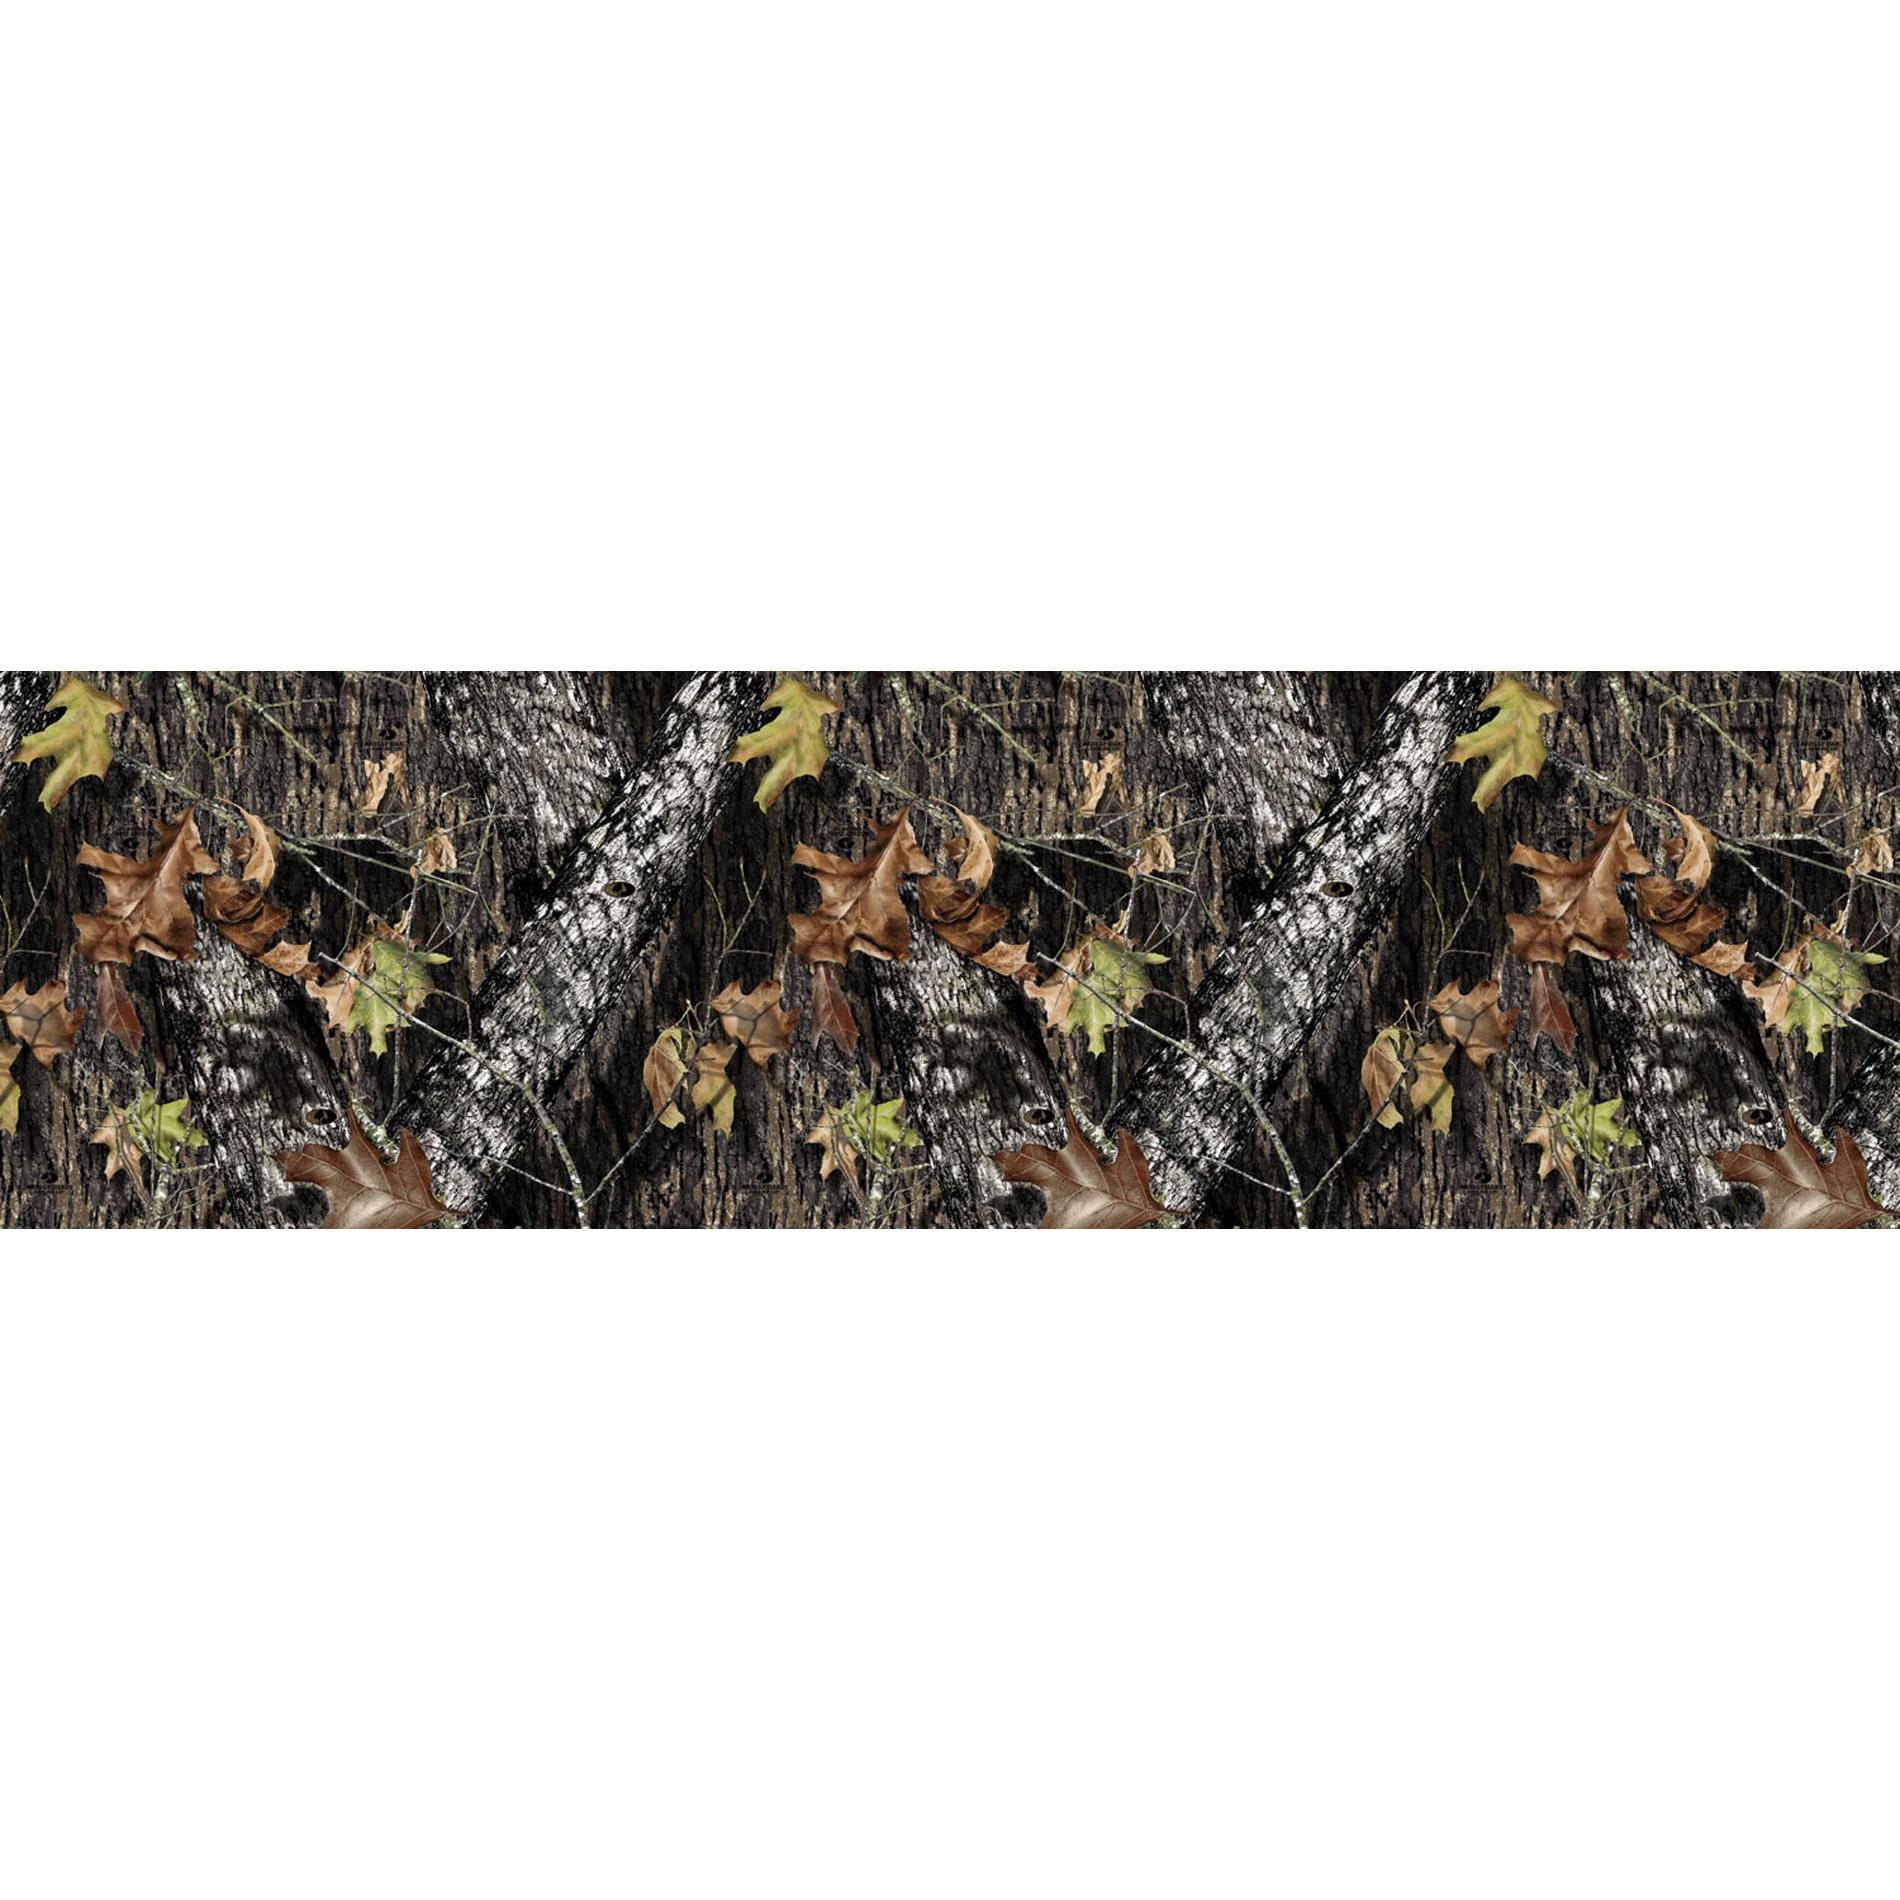 Mossy Oak Break-up Infinity Camo Full Size Rear Window Graphic - Thumbnail 2